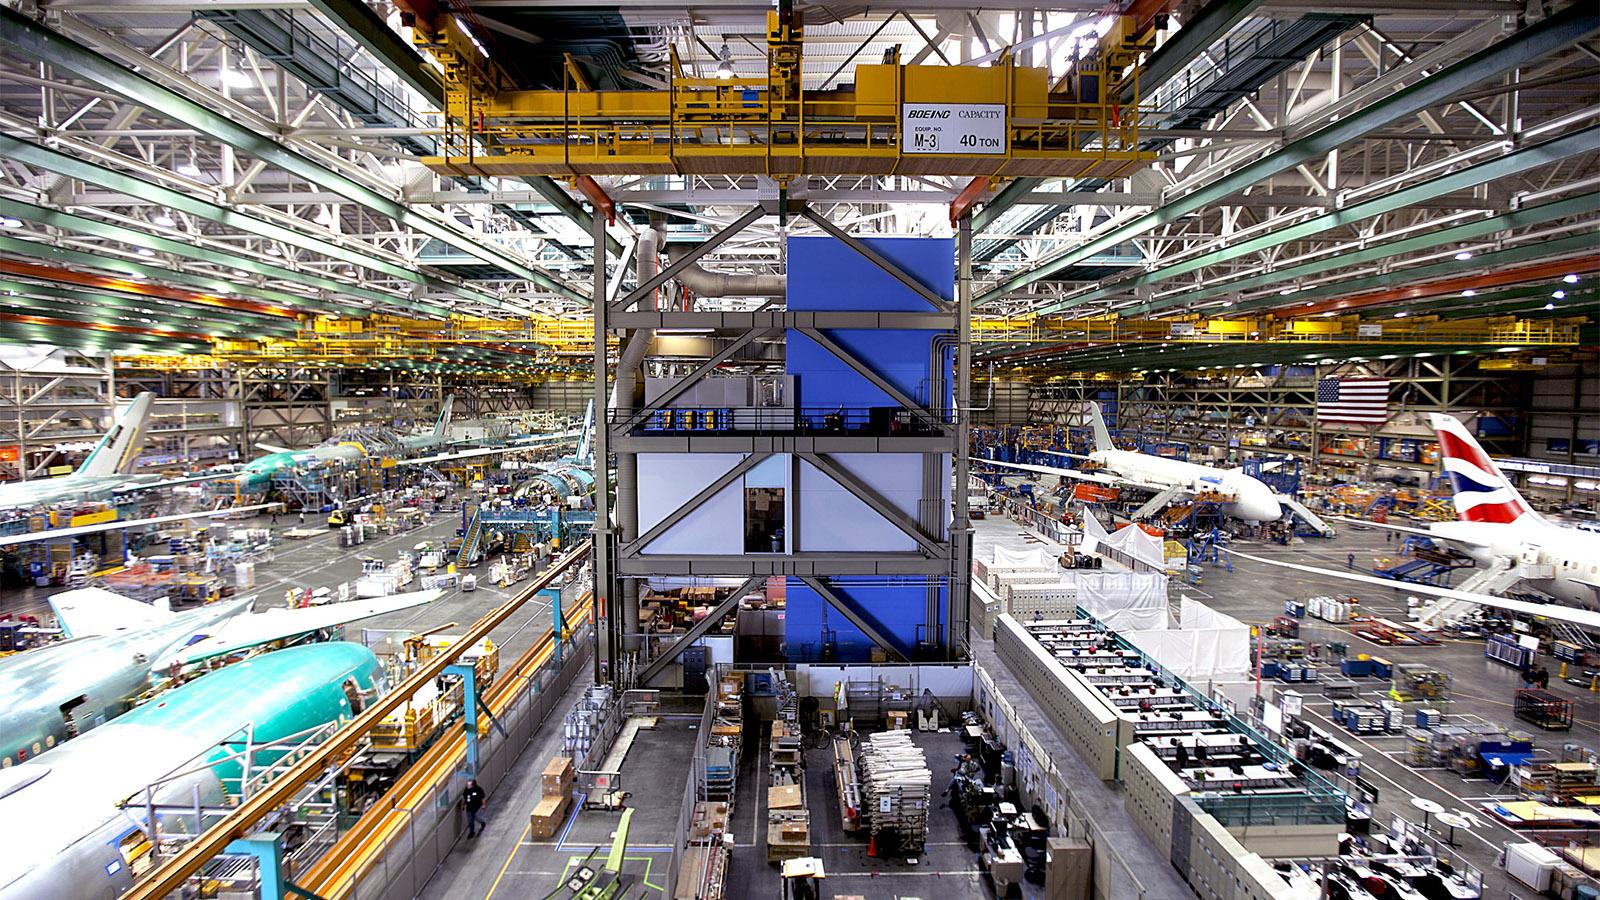 سفری به داخل کارخانه هواپیماسازی بوئینگ